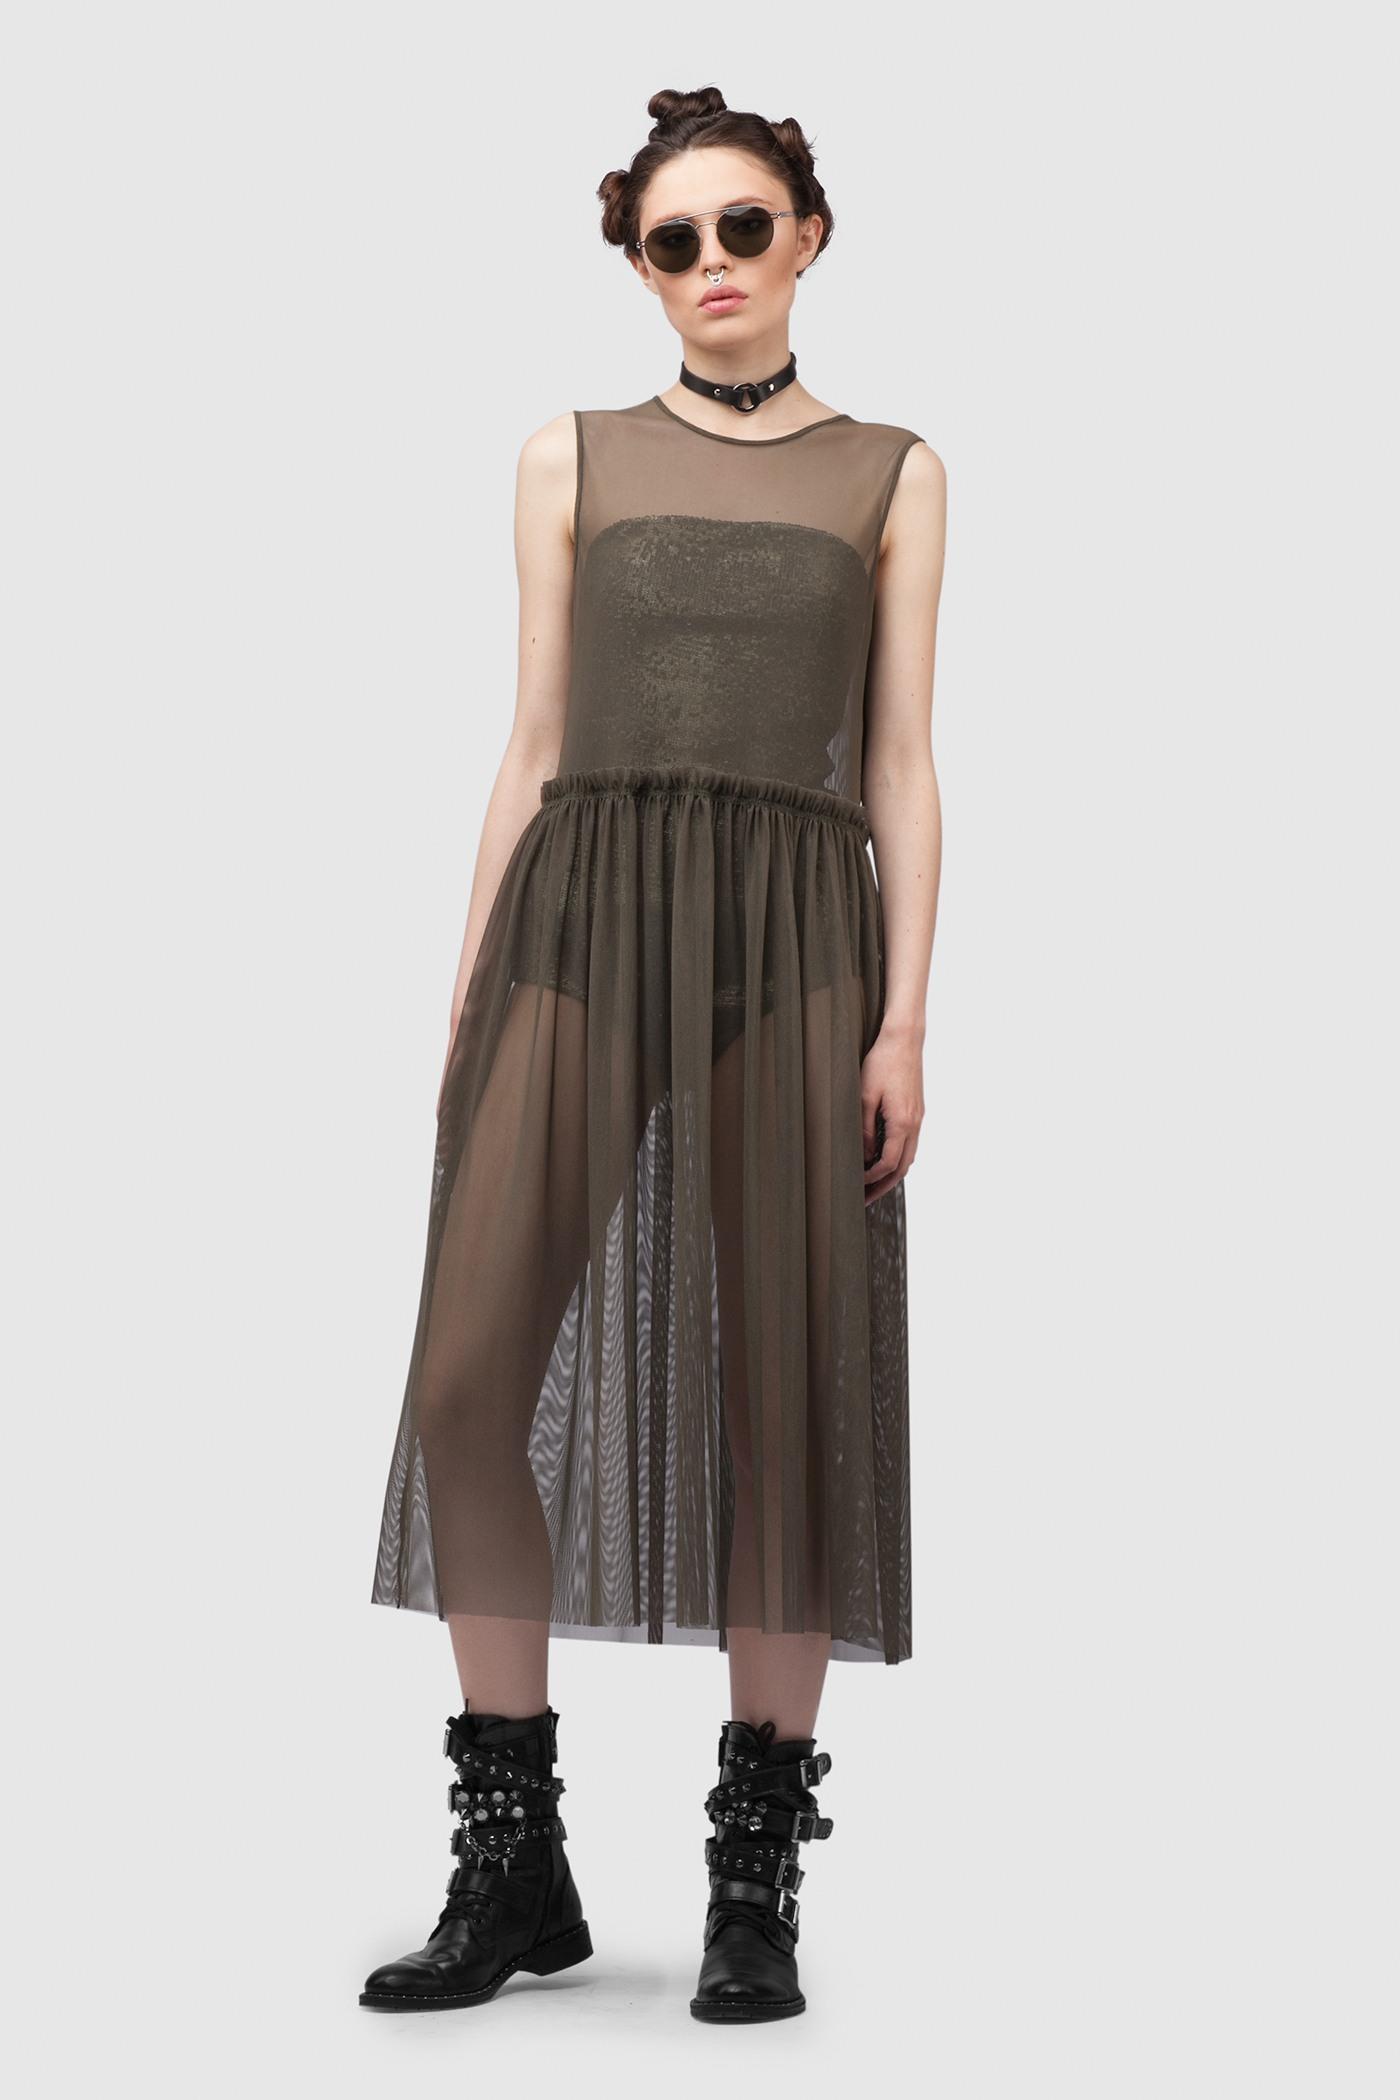 ПлатьеЛегкое струящееся платье без рукавов с отрезной талией.&#13;<br>&#13;<br>&#13;<br>свободный силуэт&#13;<br>&#13;<br>сетка - 100% фатин&#13;<br>&#13;<br>обхват талии по готовому изделию 86 см&#13;<br>&#13;<br>модель oversized (размер XS-S-M)&#13;<br>&#13;<br>боди продается отдельно, приобрести его можно в разделе Боди &#13;<br>&#13;<br>изделие можно носить поверх брюк, шорт, другого платья, например прилегающего силуэта&#13;<br>&#13;<br>длина по спинке 108 см в ростовке 164-170 см., длина может изменятся в зависимости от размера и ростовки&#13;<br>&#13;<br>размер и другие нюансы уточняются при заказе, мы с вами связываемся по указному вами номеру телефона<br><br>Цвет: Хаки - сетка , Черный - сетка<br>Размер: one size